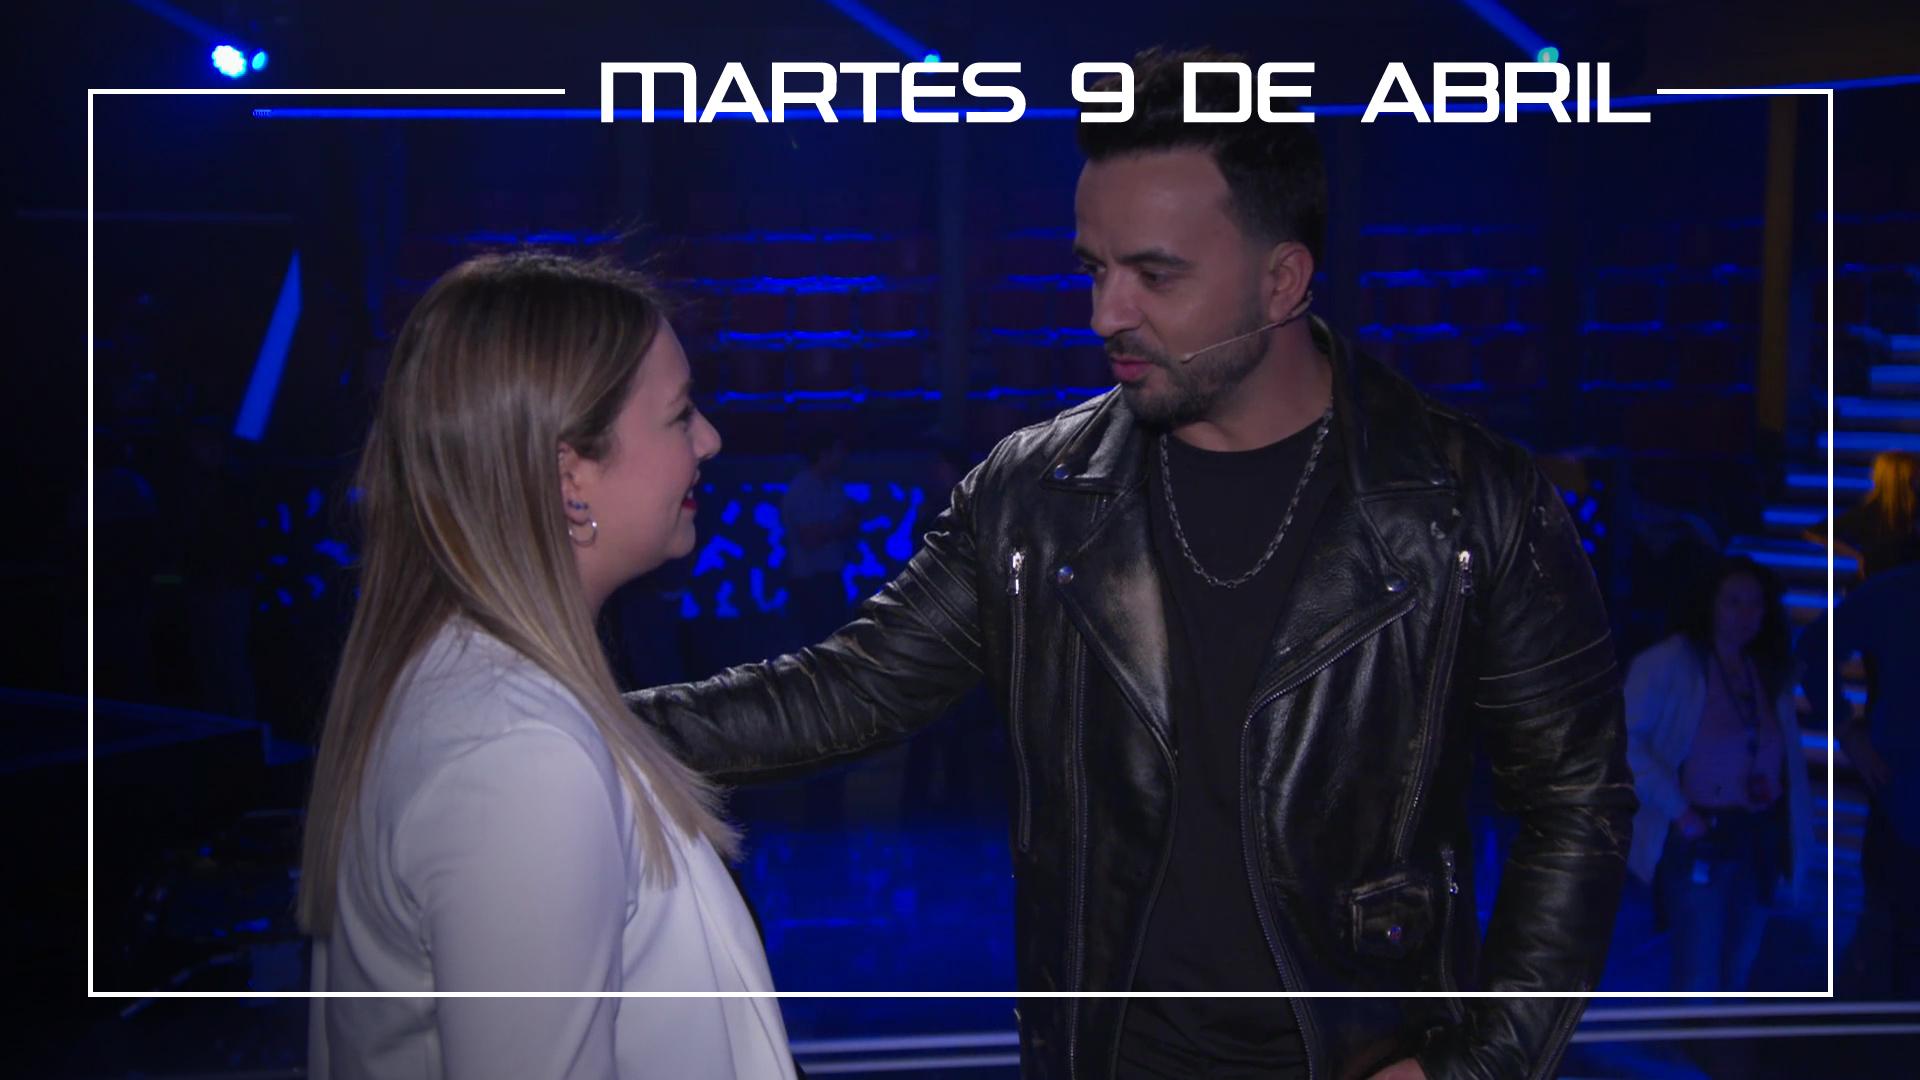 Martes 9 de abril María Espinosa ensaya con Luis Fonsi 'Amiga mía' en el plató